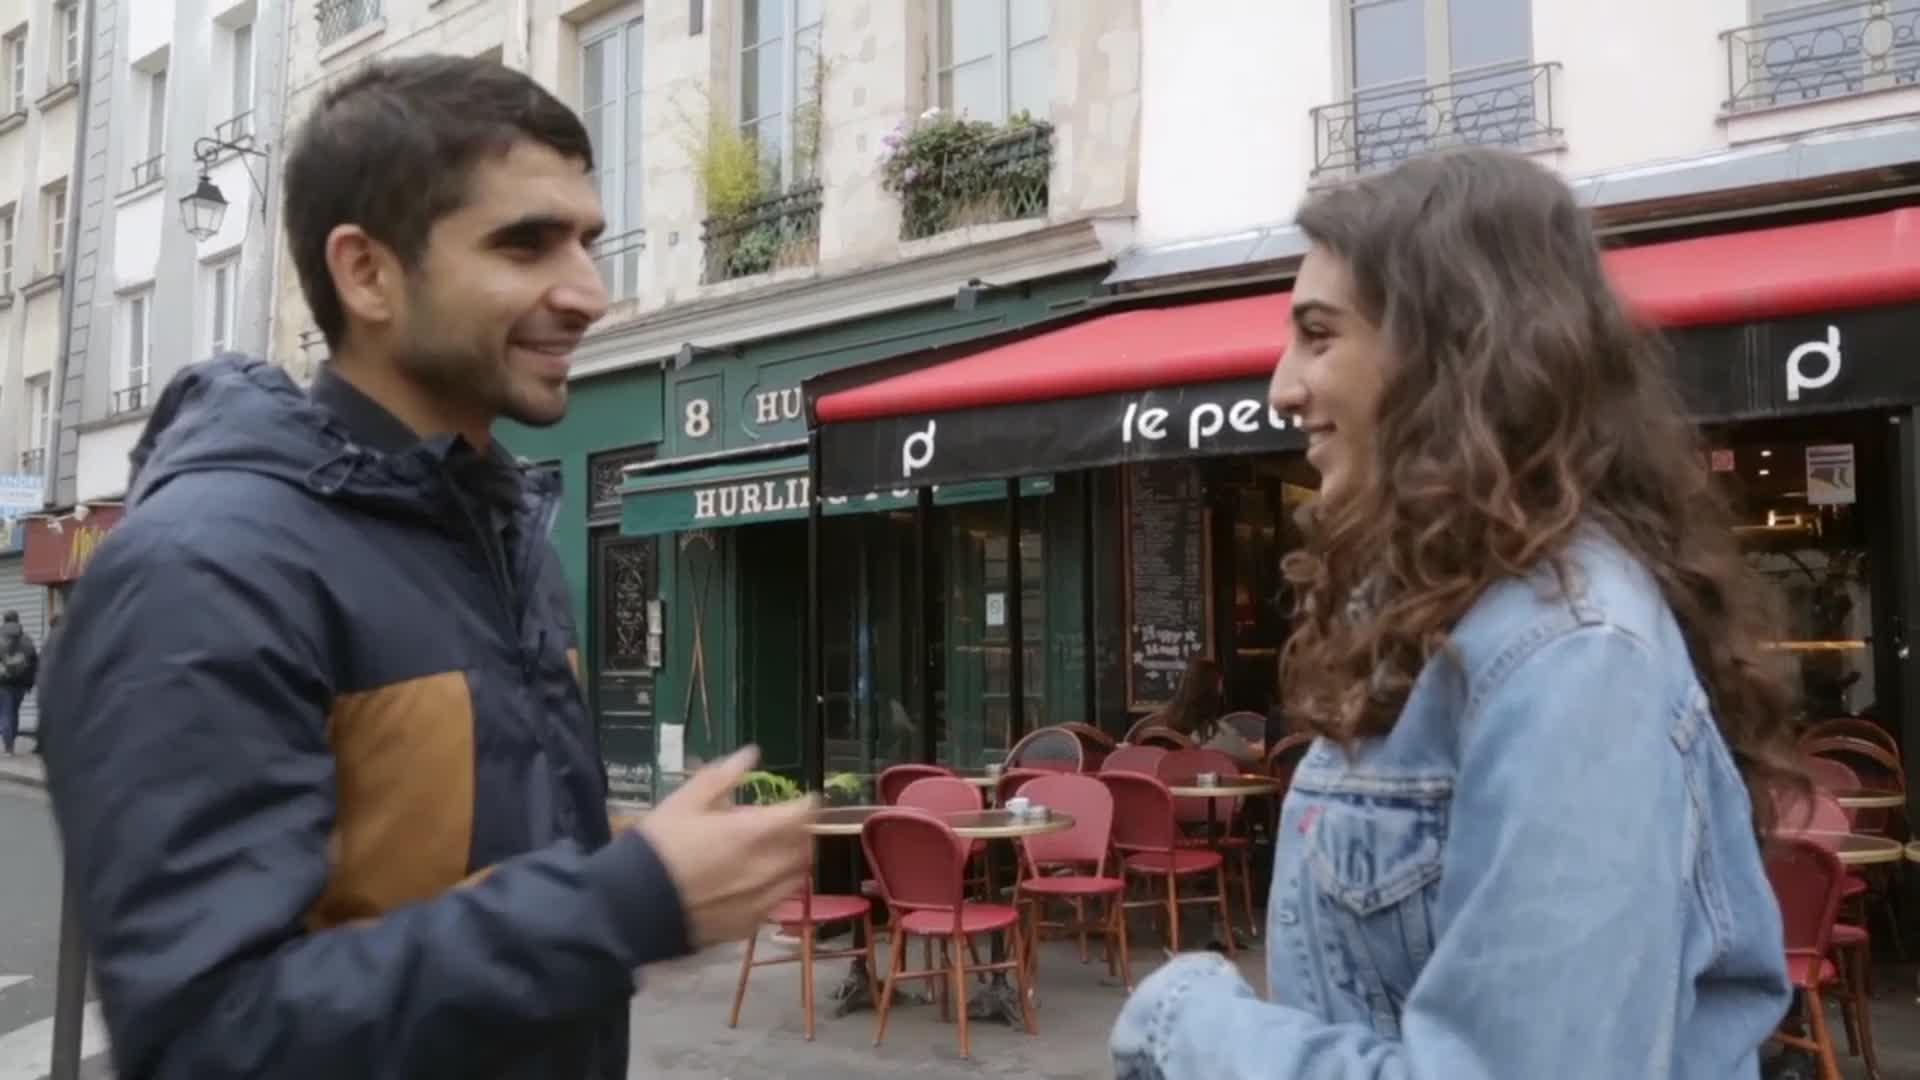 Apprendre le français, une question de survie - Lucie à Paris